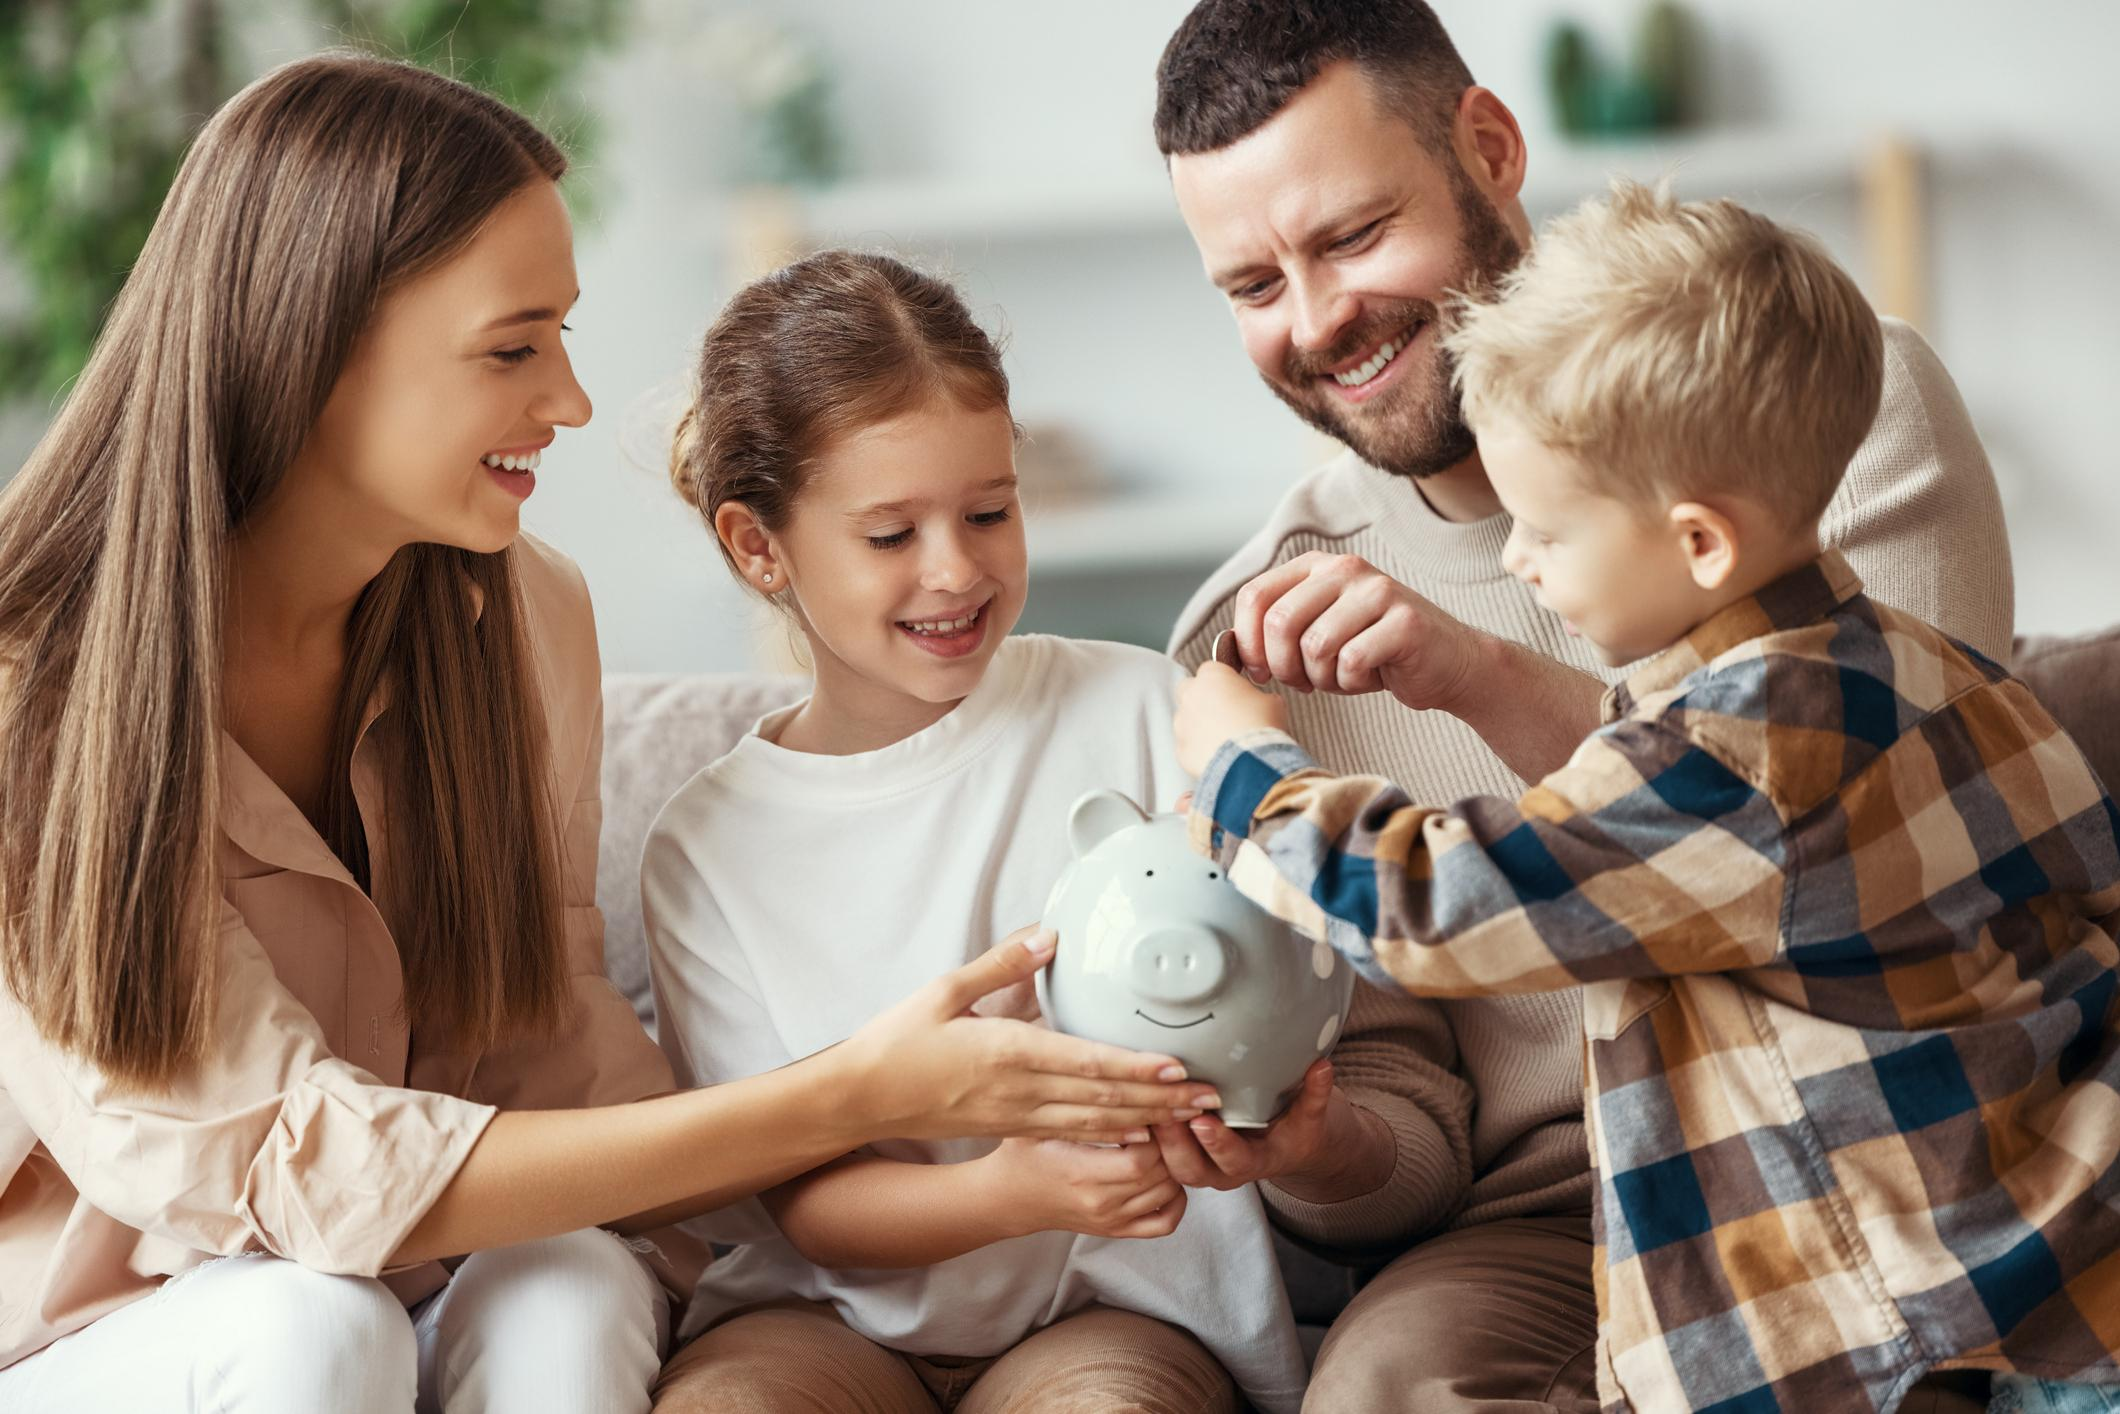 Want to Promote Family Entrepreneurship? Thumbnail